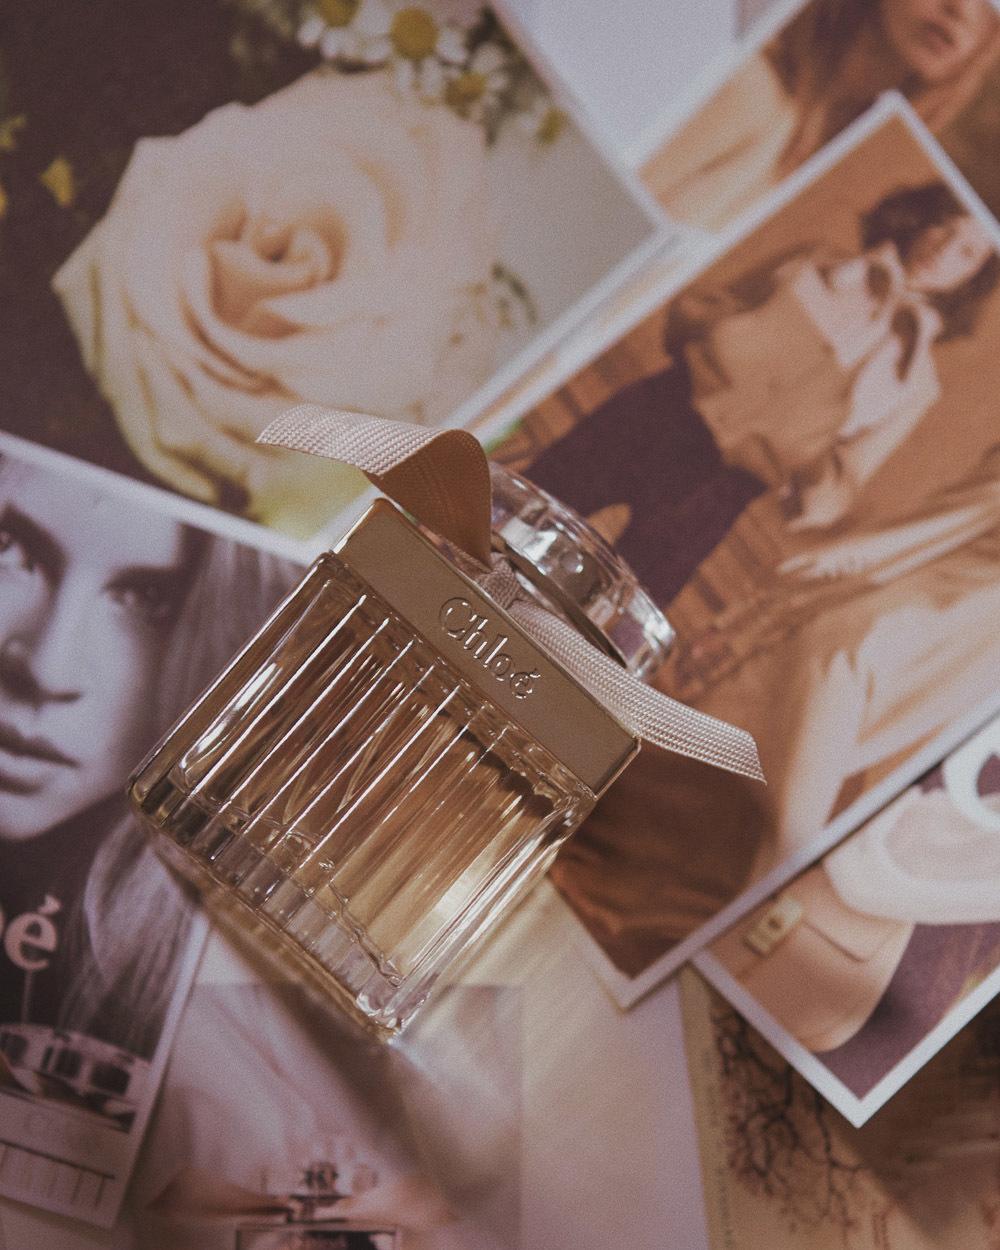 Chloé es un perfume icónico, perfecto para regalar el día de la madre.